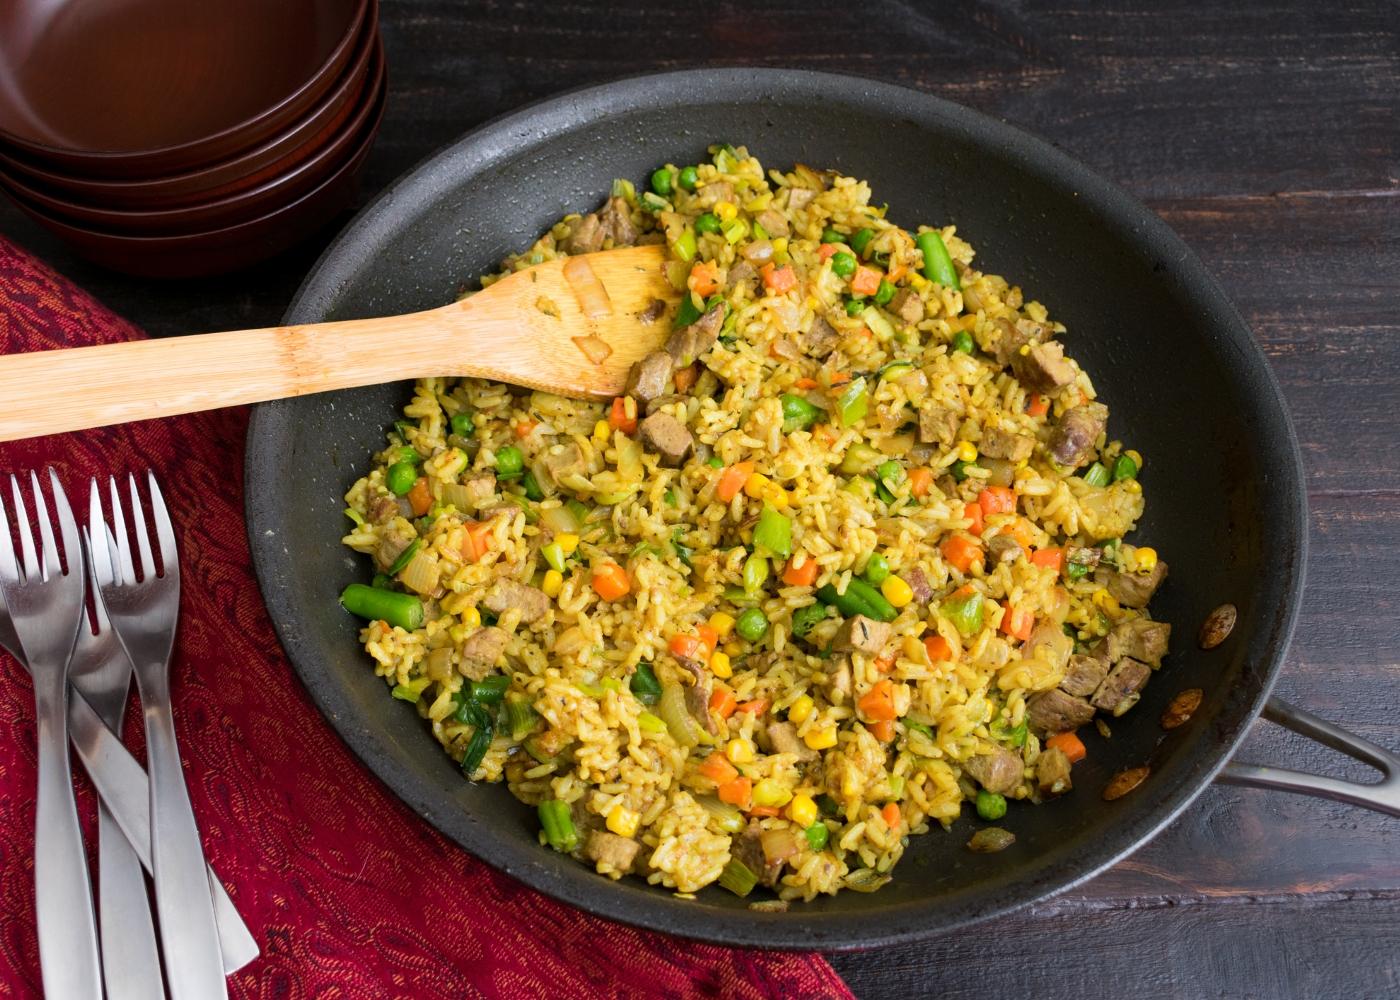 receita de one pot de arroz, feijão e ervilhas